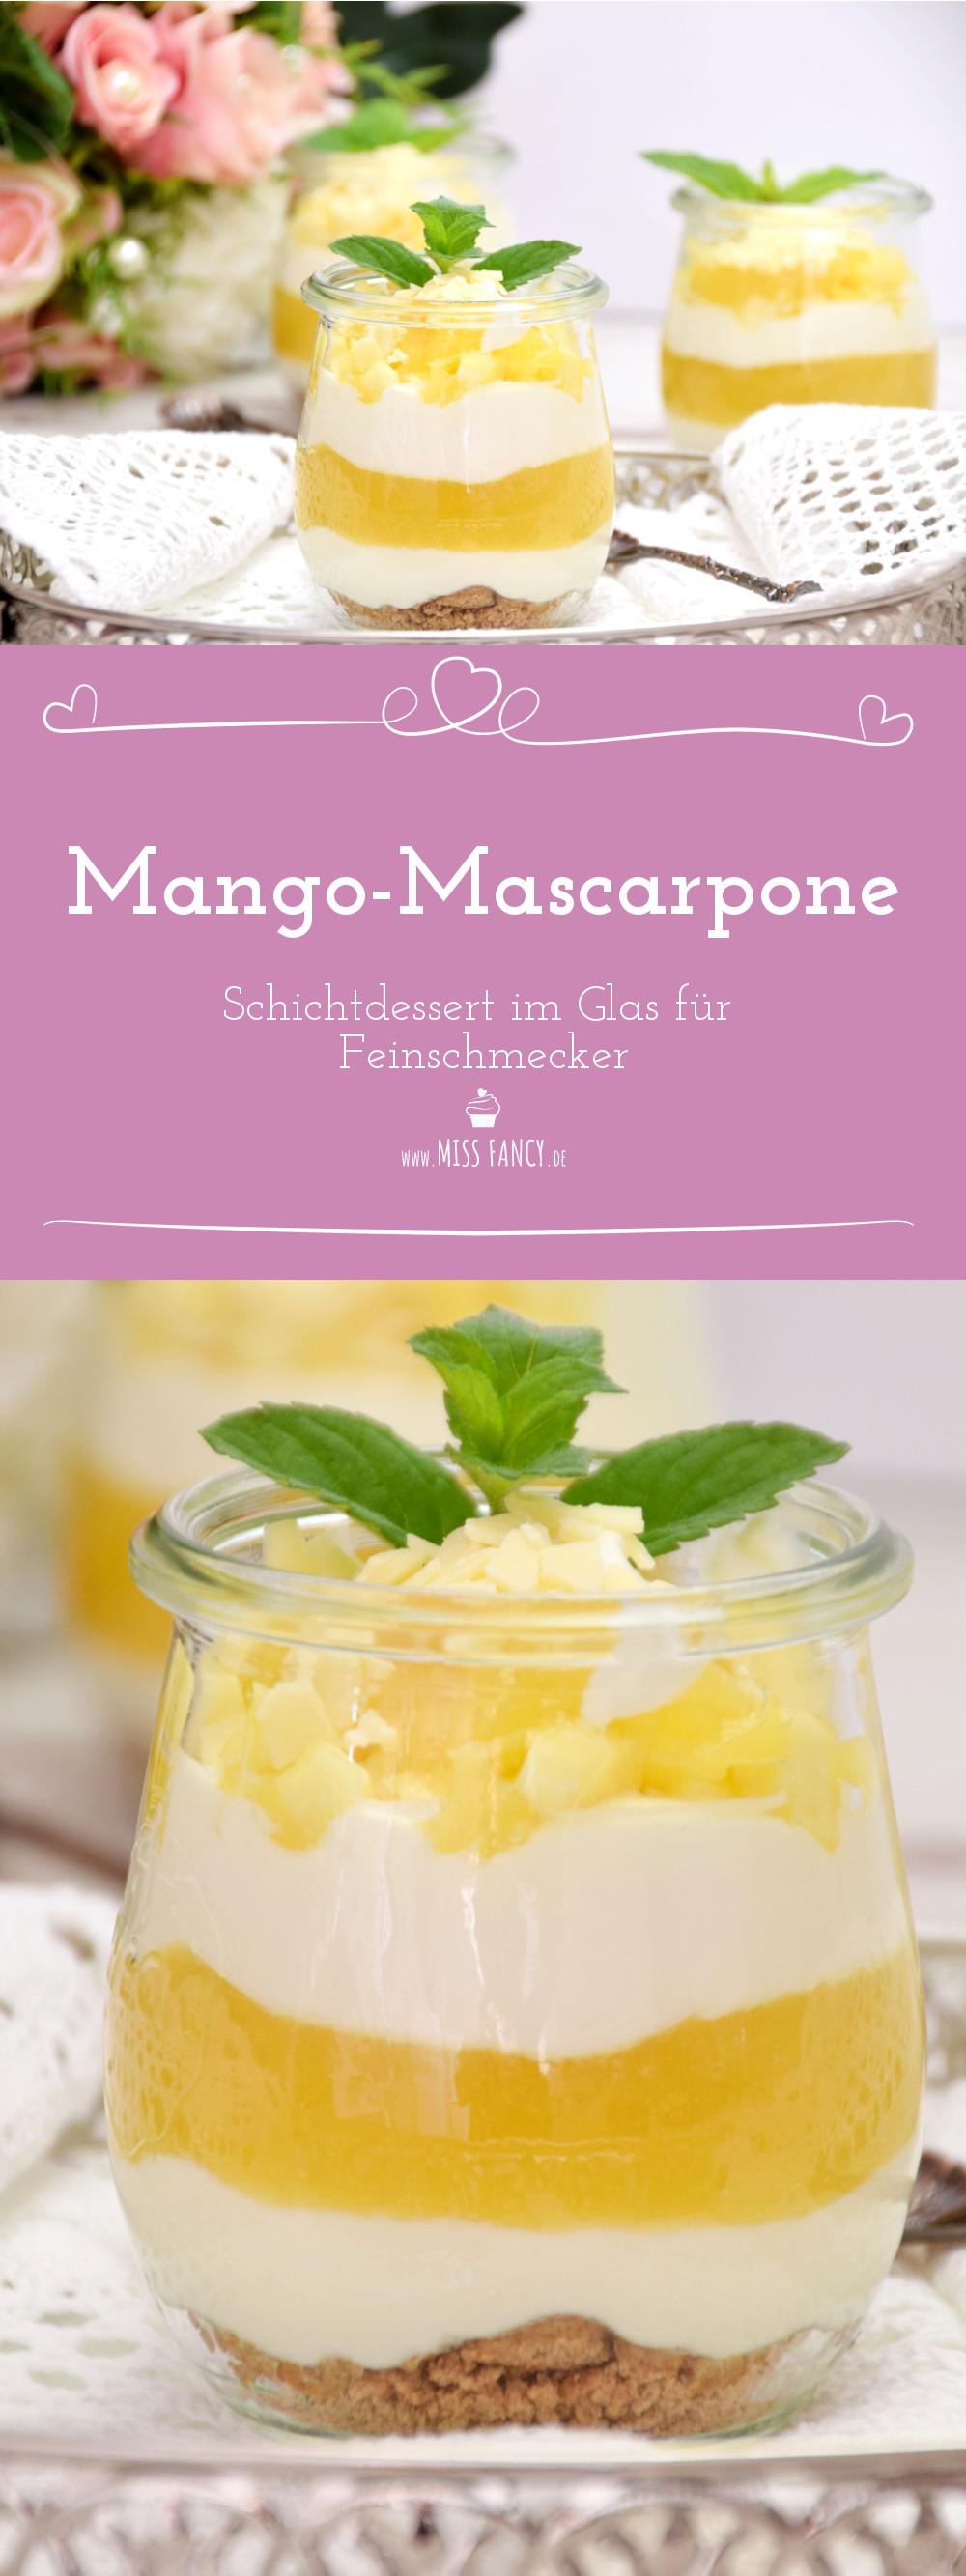 Mango-Schichtdessert-im-Glas-Missfancy